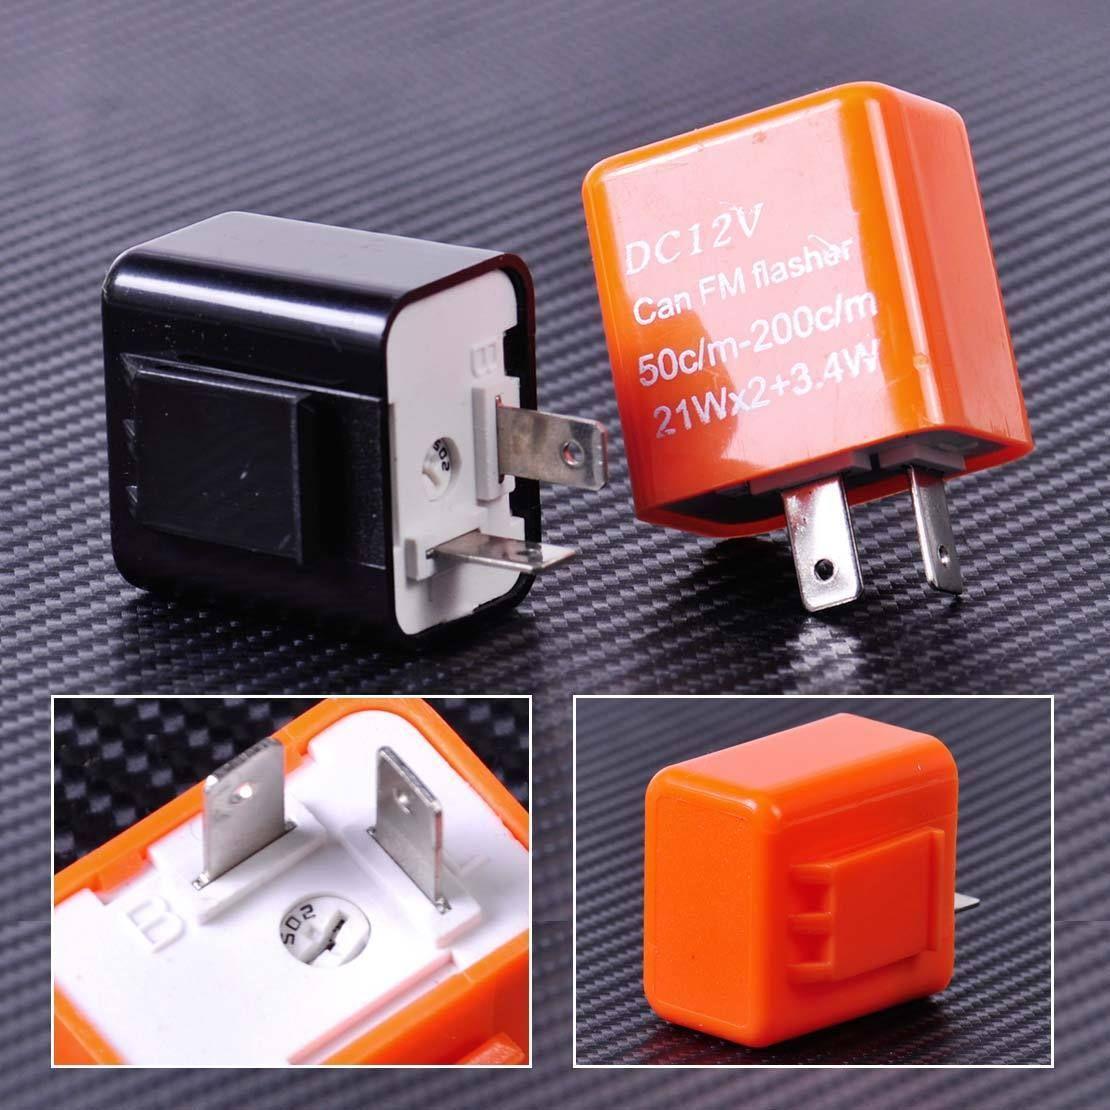 895aud 2 Pin Speed Adjustable Led Flasher Relay Motorcycle Turn Electronic Signal Indicator Ebay Fashion